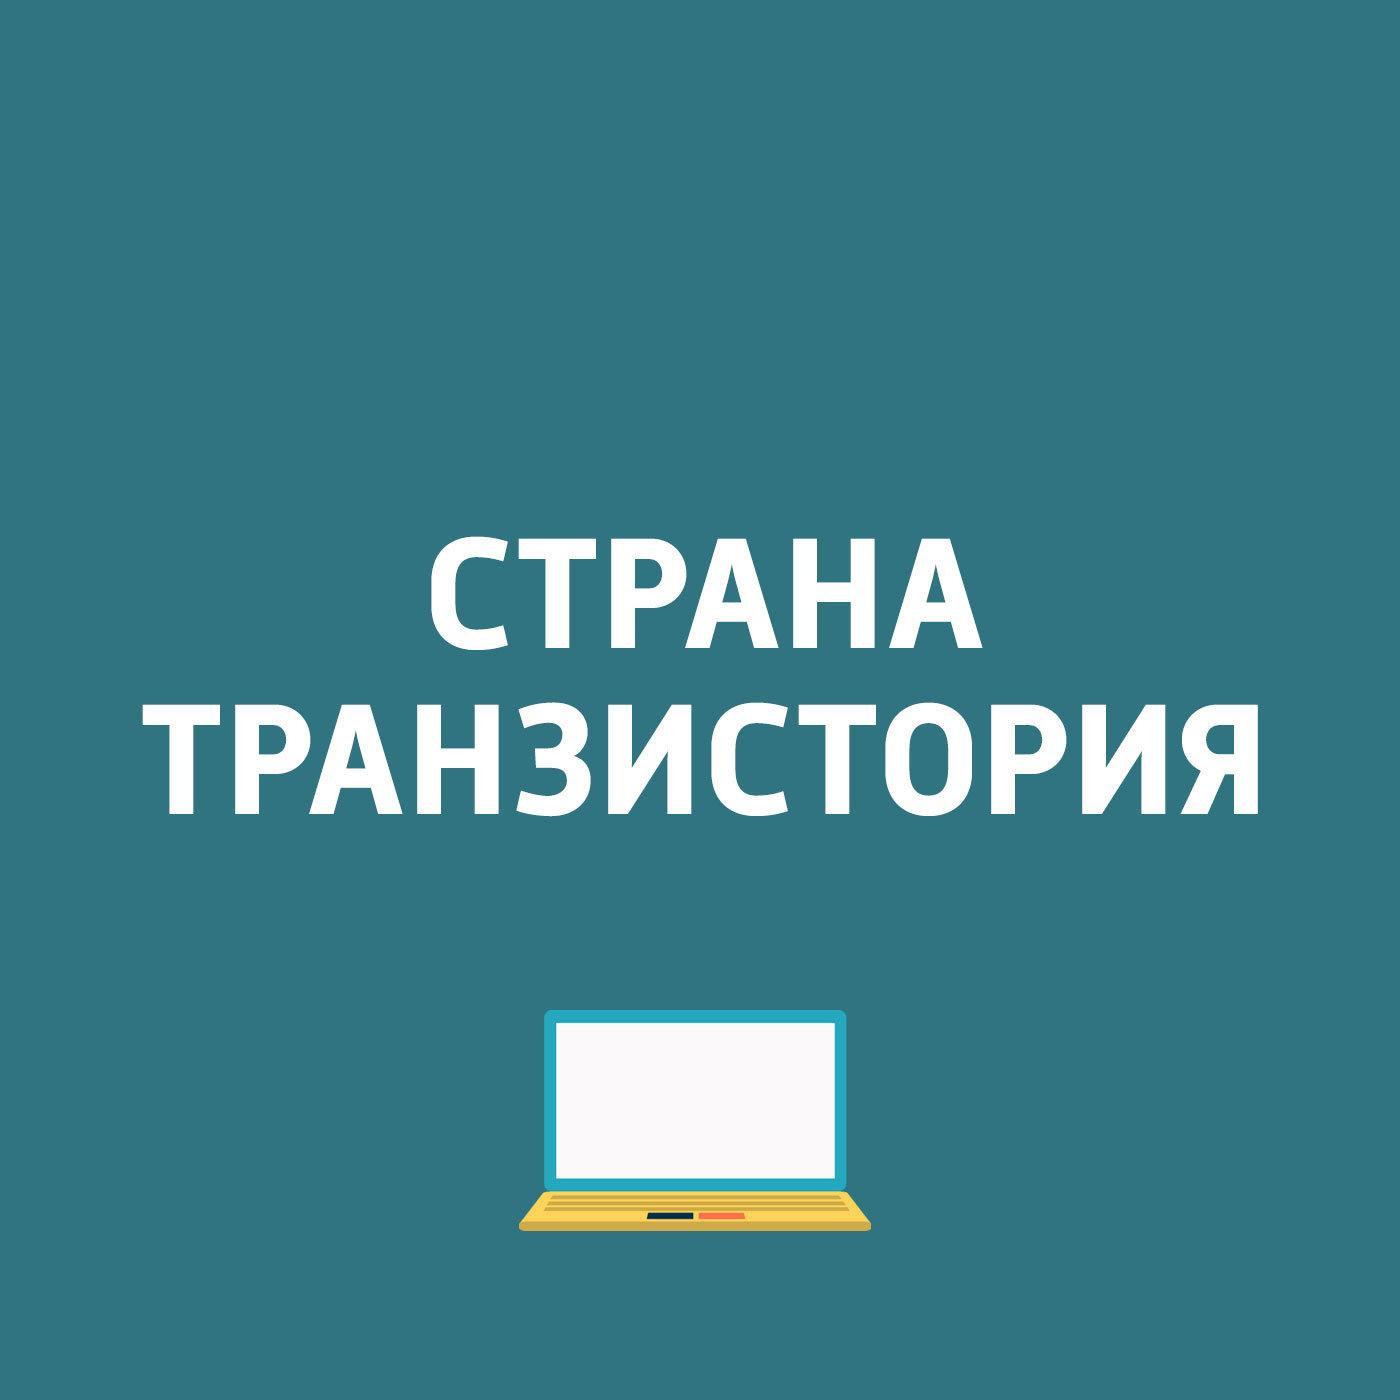 Картаев Павел Павел Картаев о поездке по Алтаю картаев павел чуррос